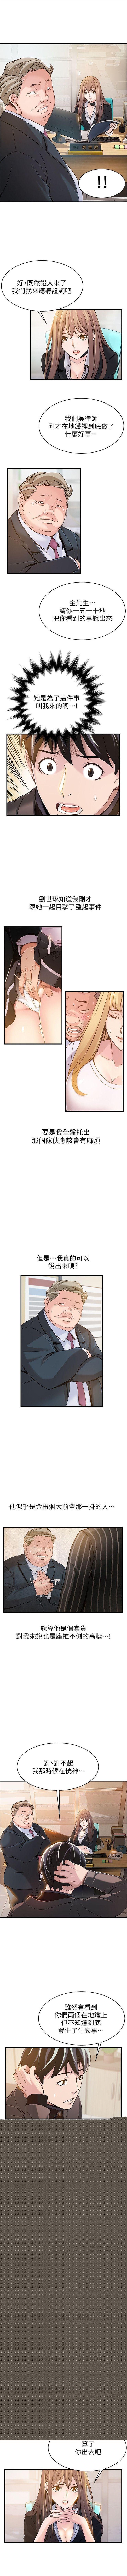 弱点 1-64 中文翻译(更新中) 30